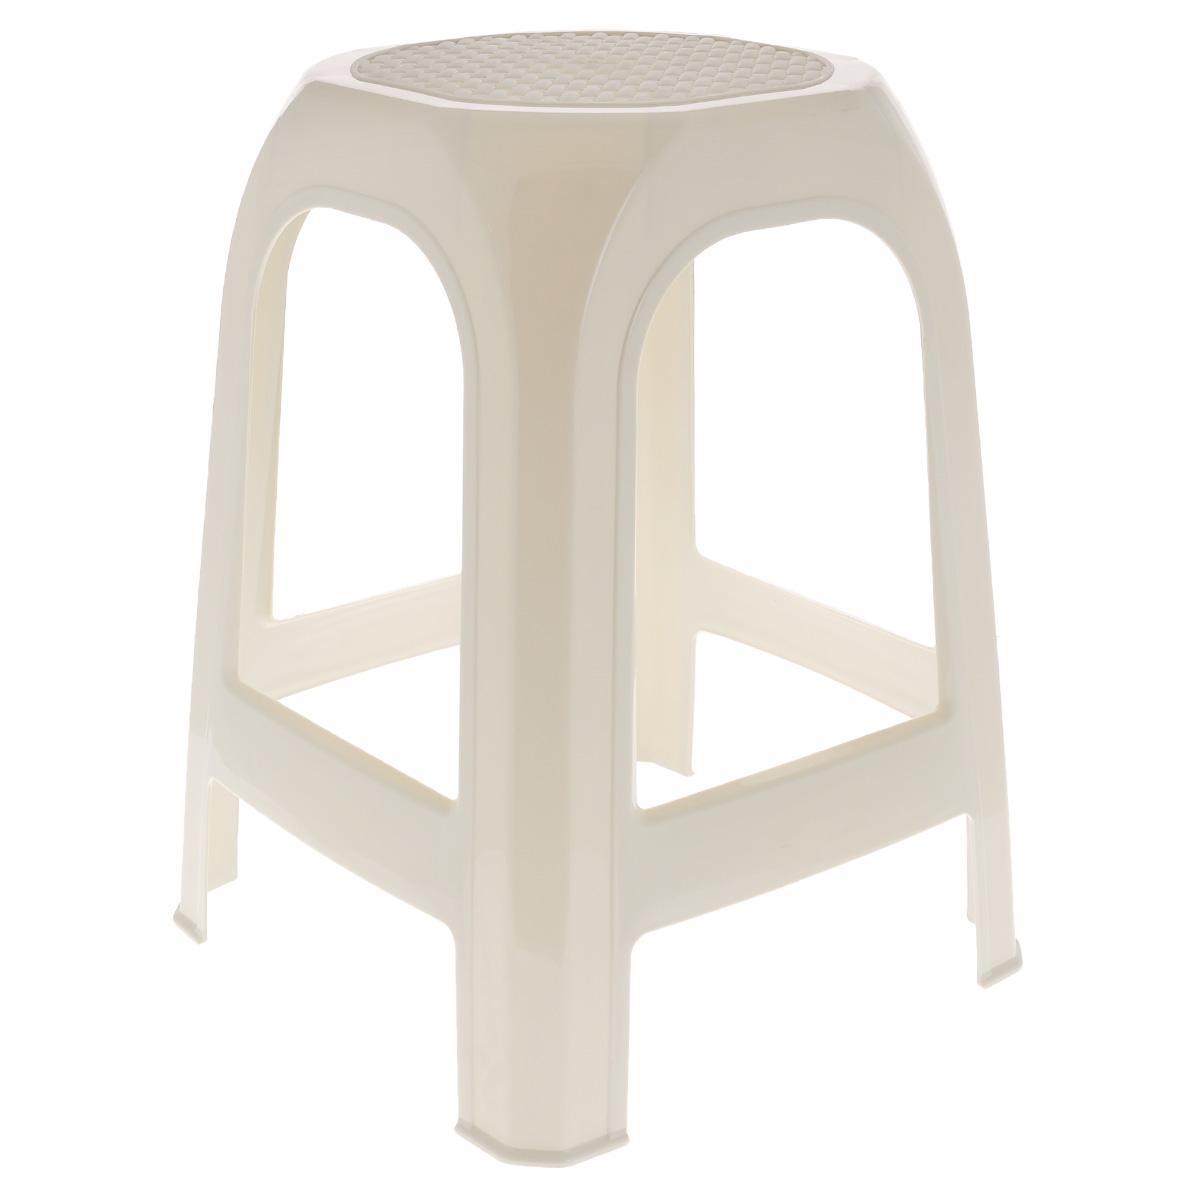 Табурет Idea, цвет: бежевый, высота 46 смМ 2290 розТабурет Idea выполнен из прочного высококачественного пластика. Надежная опора ножек предотвращает опрокидывание табурета. Сиденье изделия оформлено рельефным рисунком под плетение. Такой табурет обязательно пригодятся и дома, чтобы разместить гостей за кухонным столом, и на даче, чтобы организовать место для отдыха или обеда на свежем воздухе.